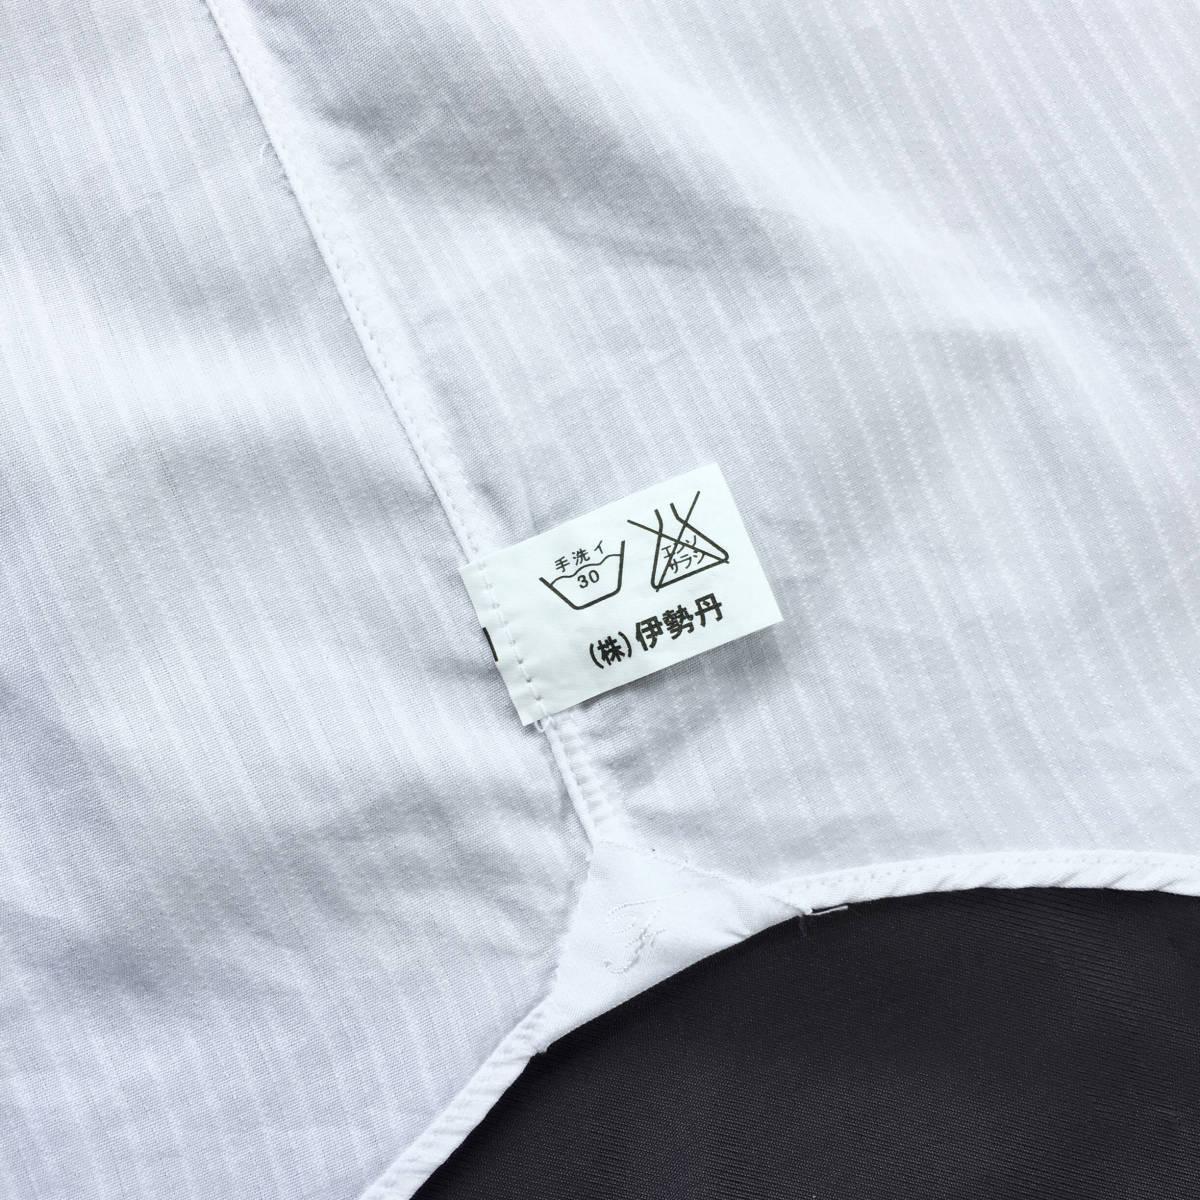 定価¥3.4万【伊勢丹メンズ取り扱い ナポリの高級ハンドメイドシャツ★フィナモレ】新品 白織りスト希少ブラックラベル スリムフィット 40_画像6